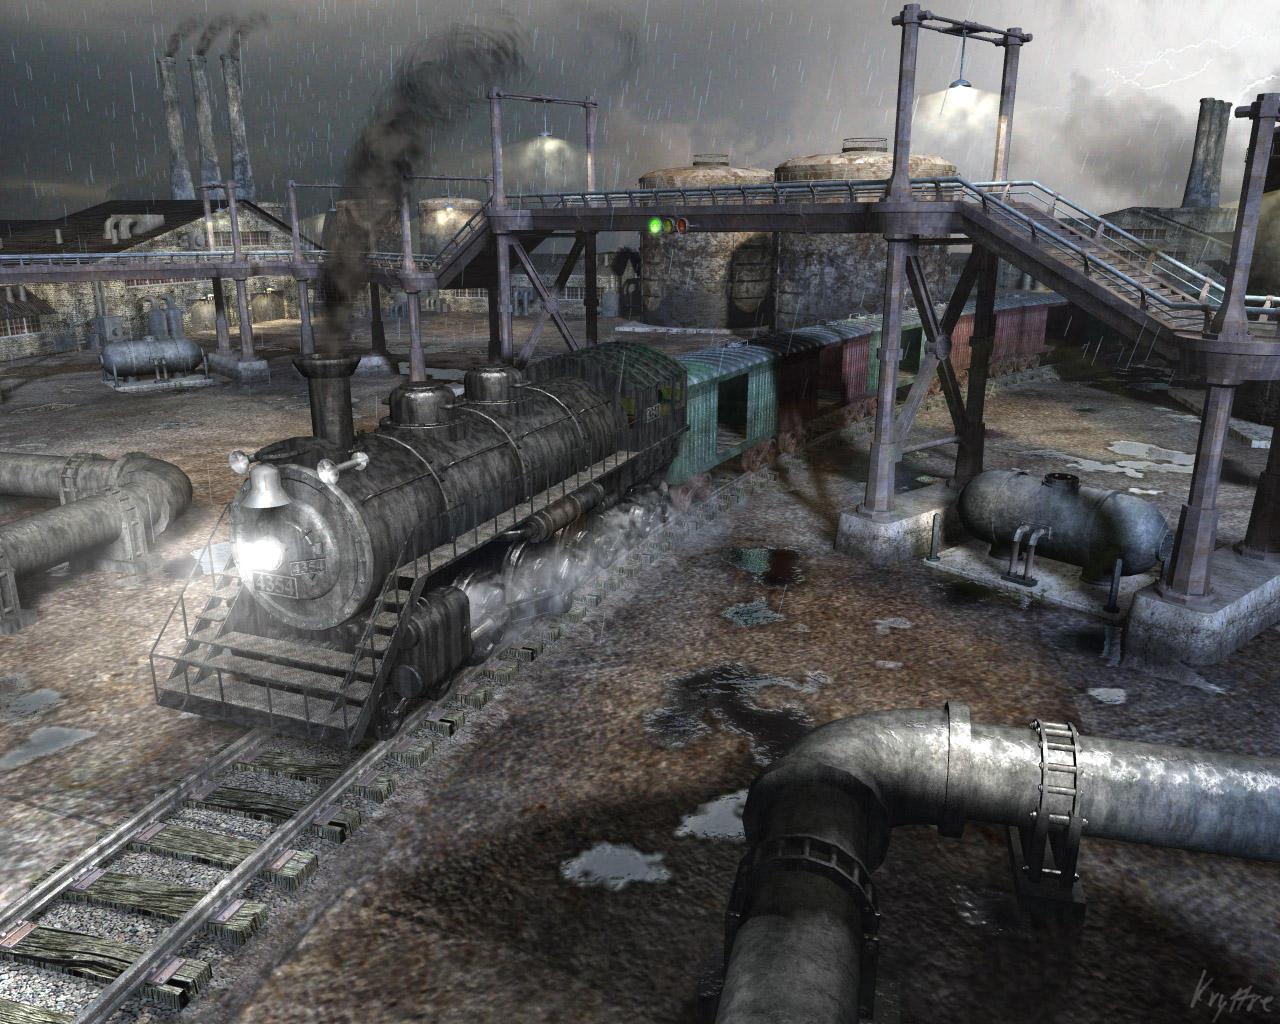 Locomotive by kryttre